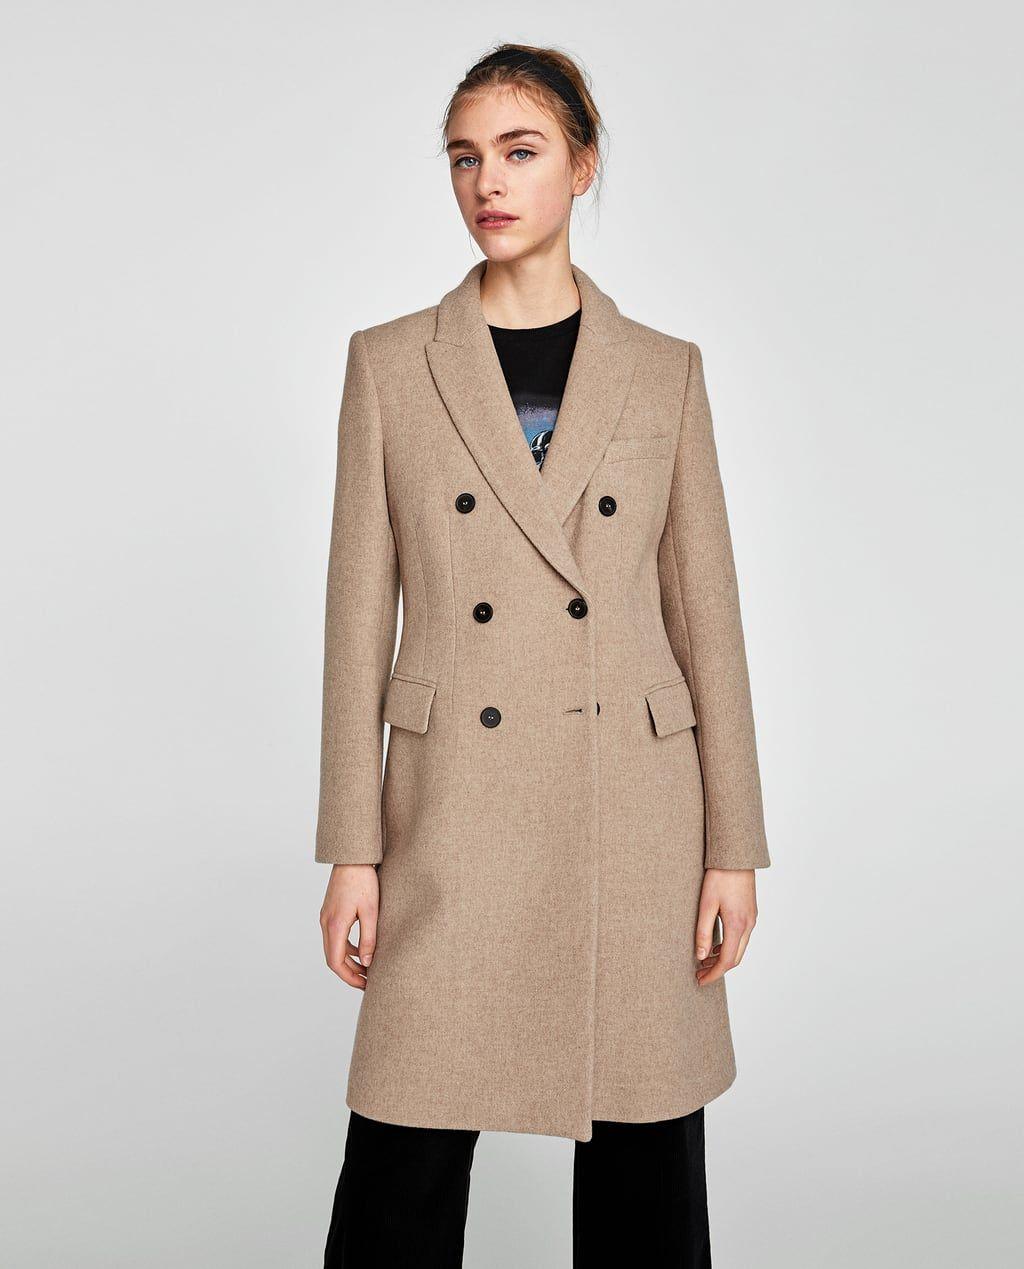 Bild 2 Von Zweireihiger Mantel Von Zara Mantel Zara Mantel Tuch